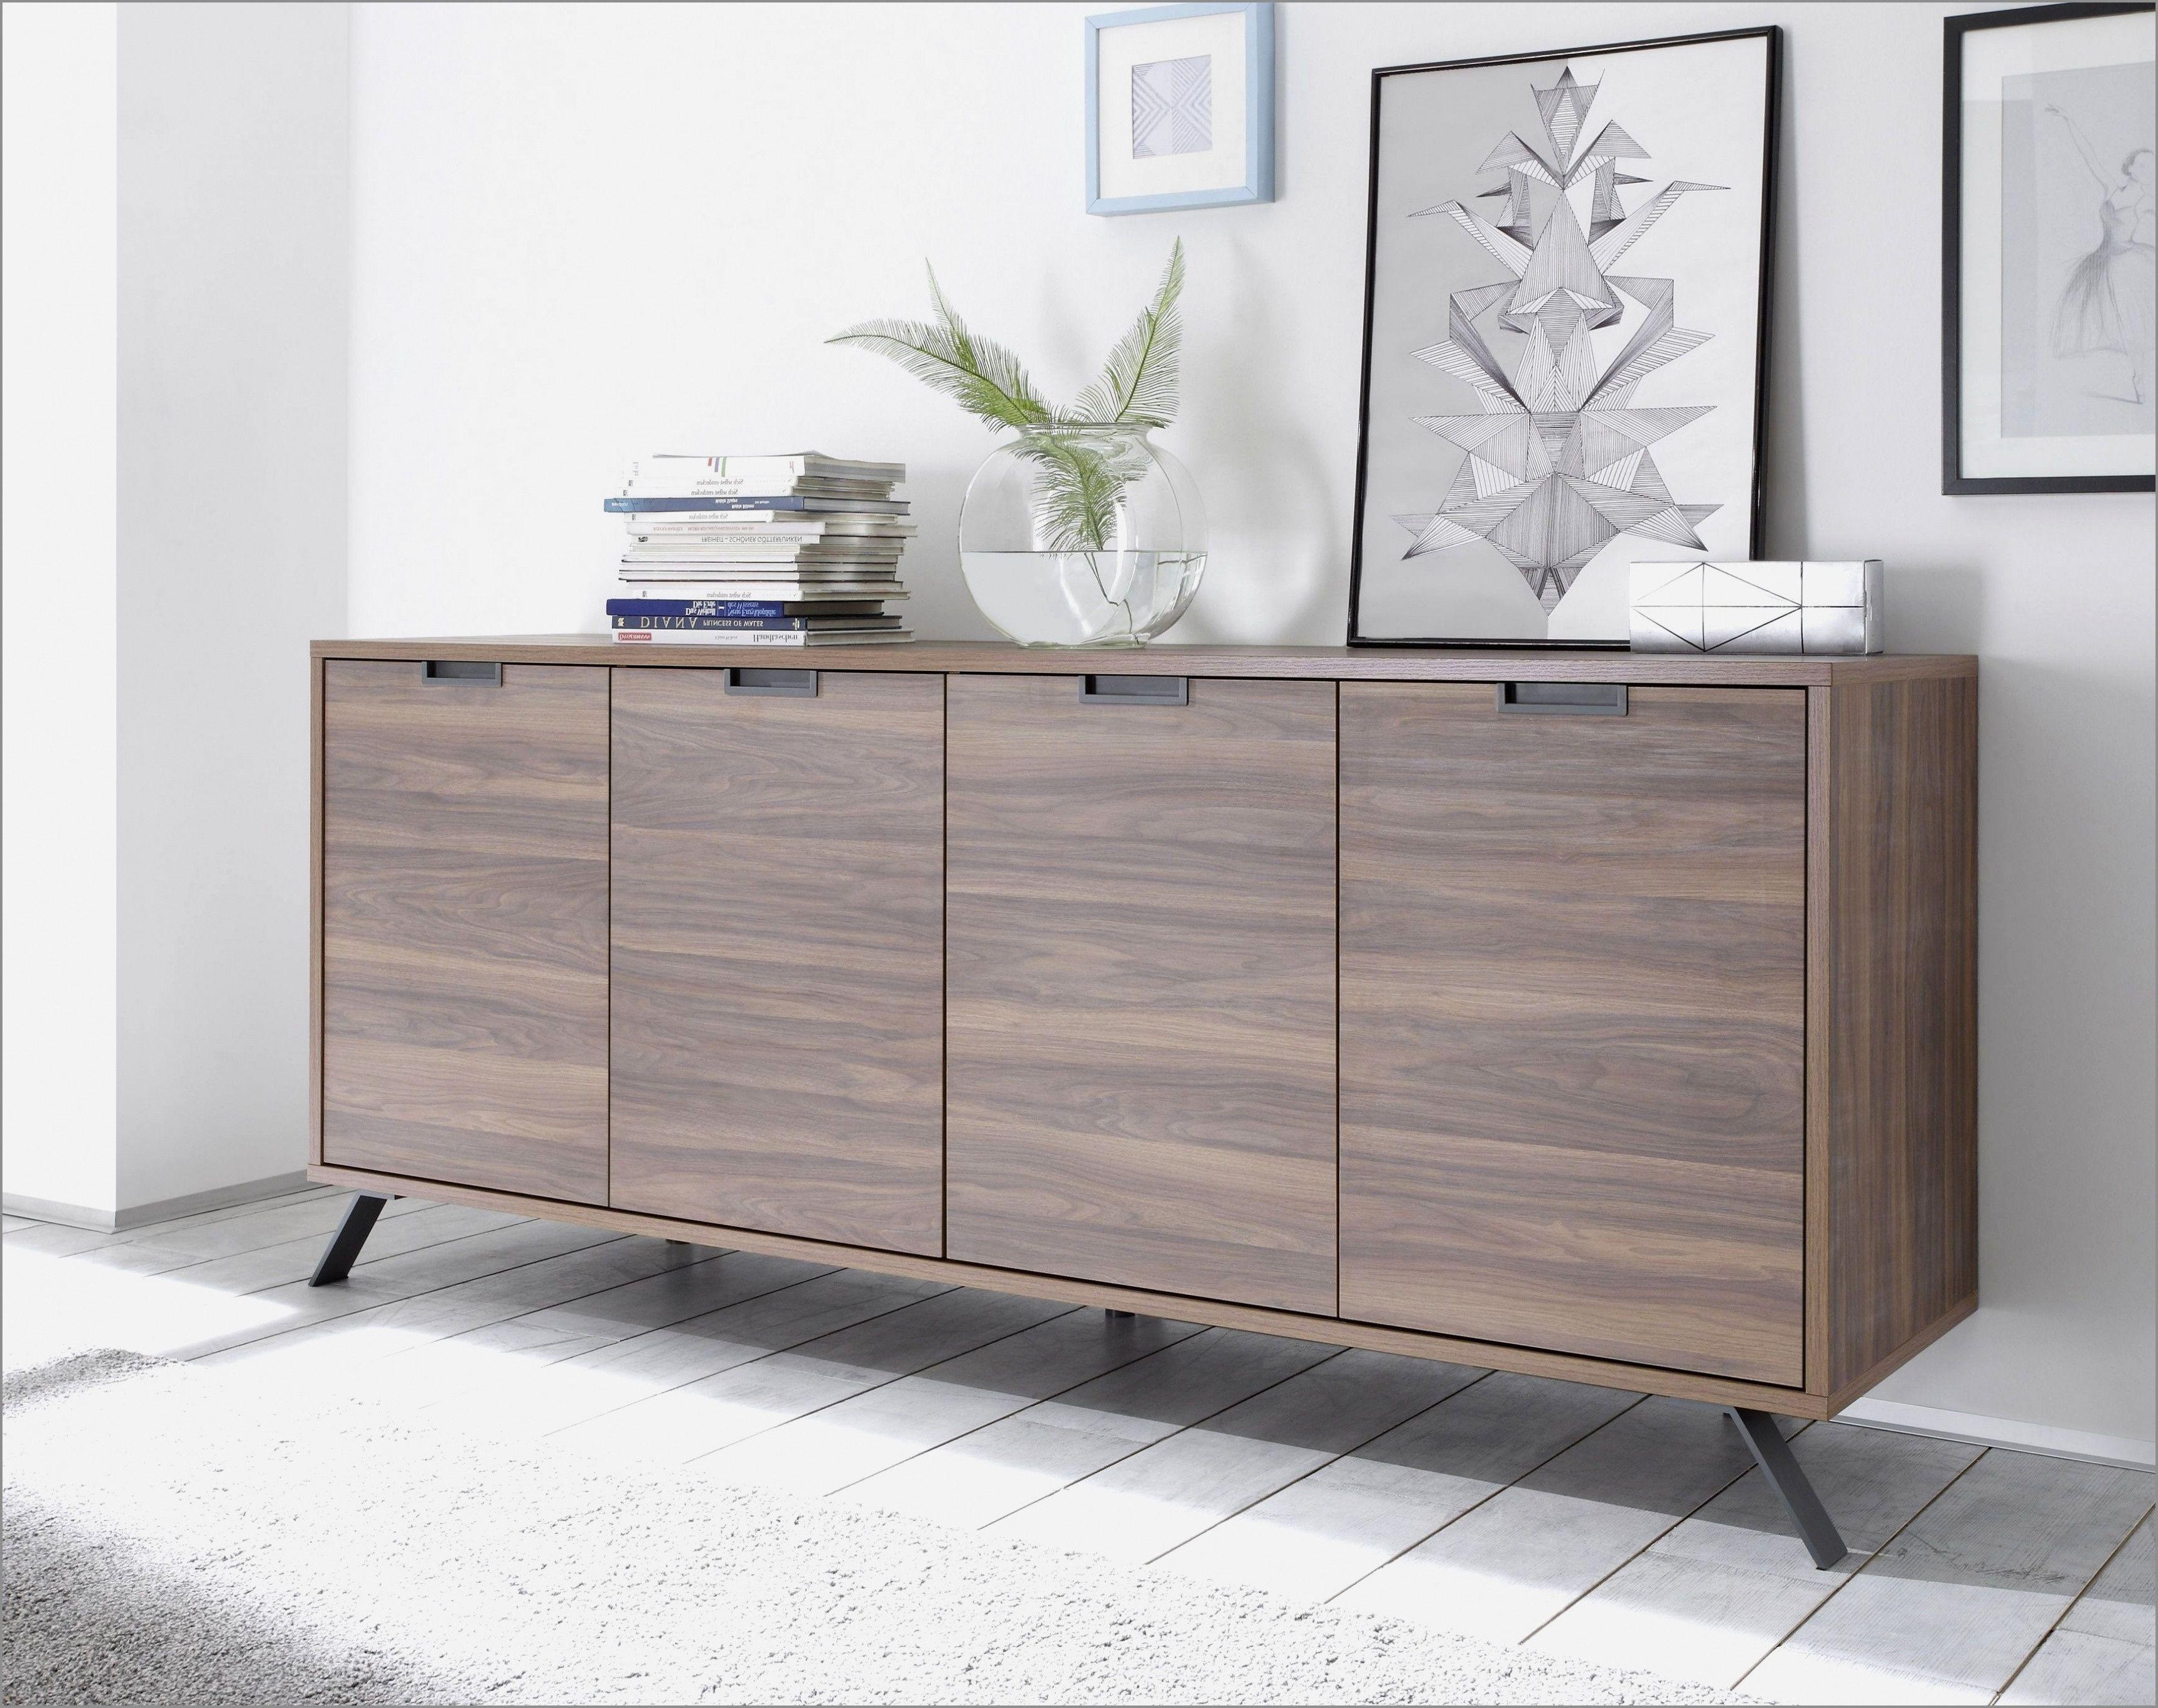 26 Inspirierend Kuchen Unterschrank Lampen Furniture Decor Cabinet